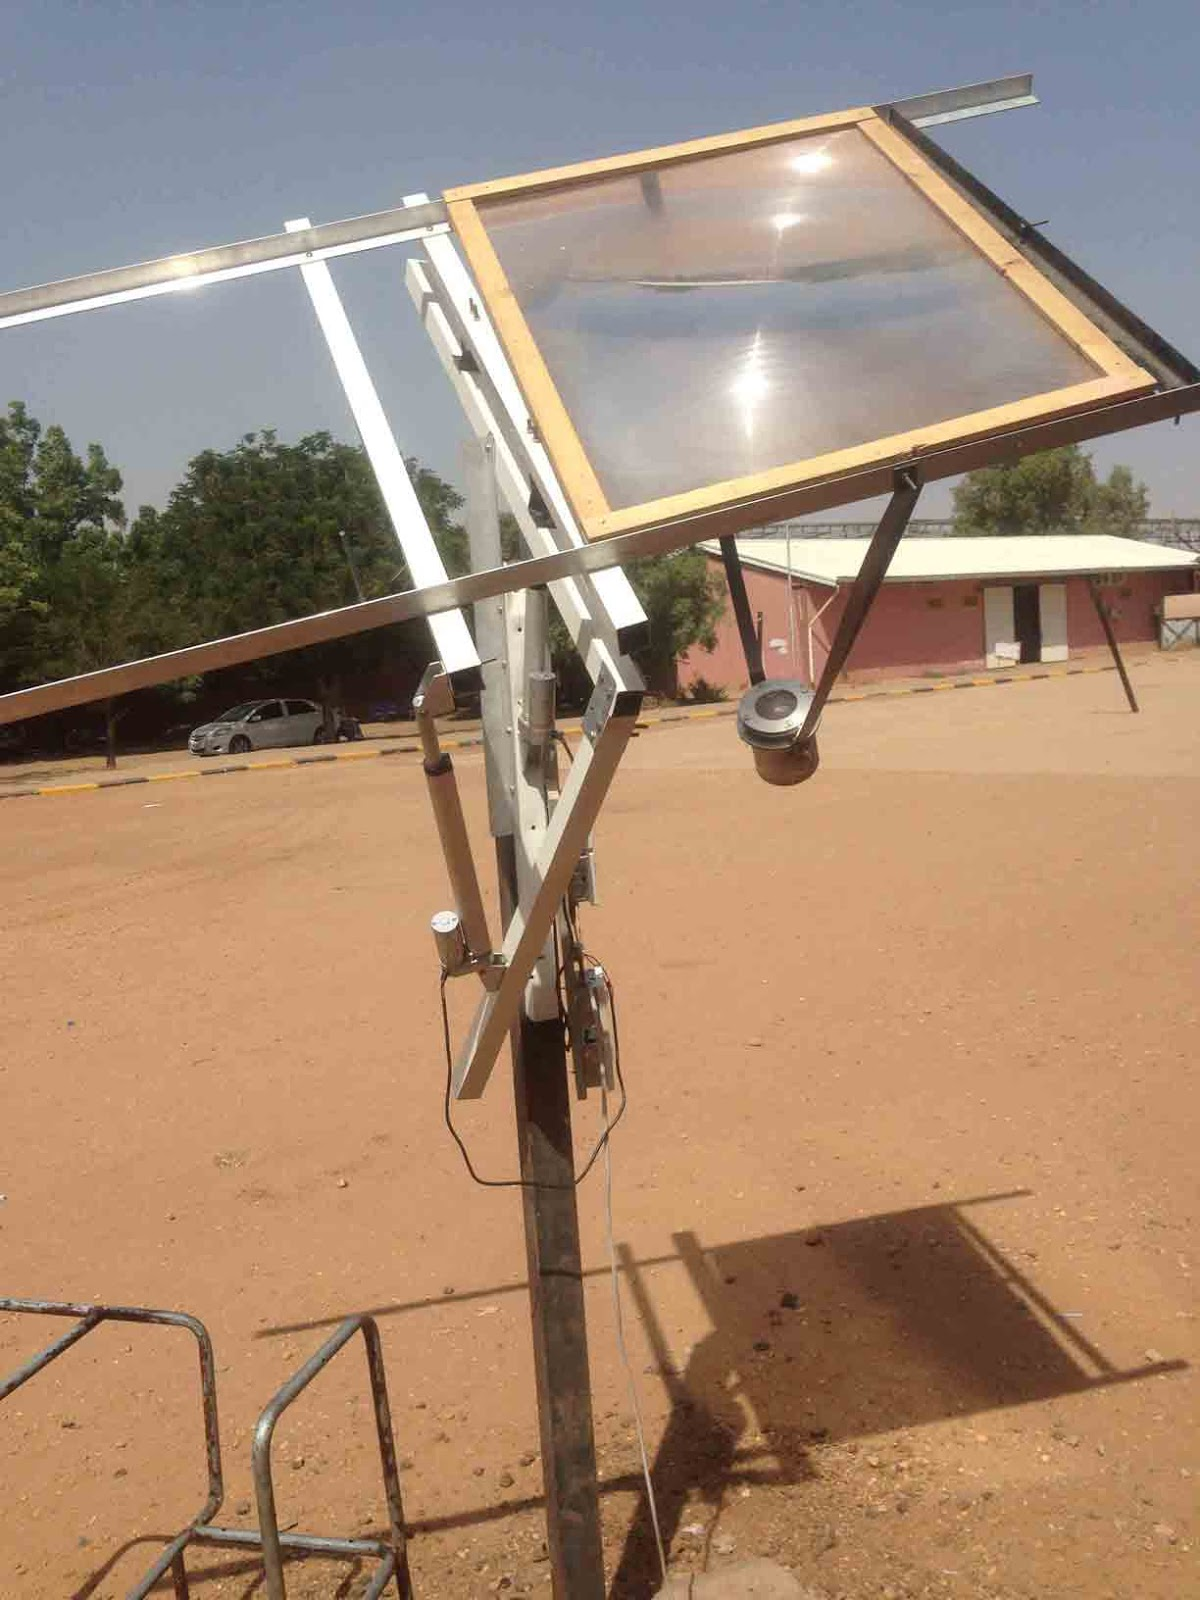 تحويل الماء وثاني اكسيد الكربون الي وقود باستخدام الطاقة الشمسية